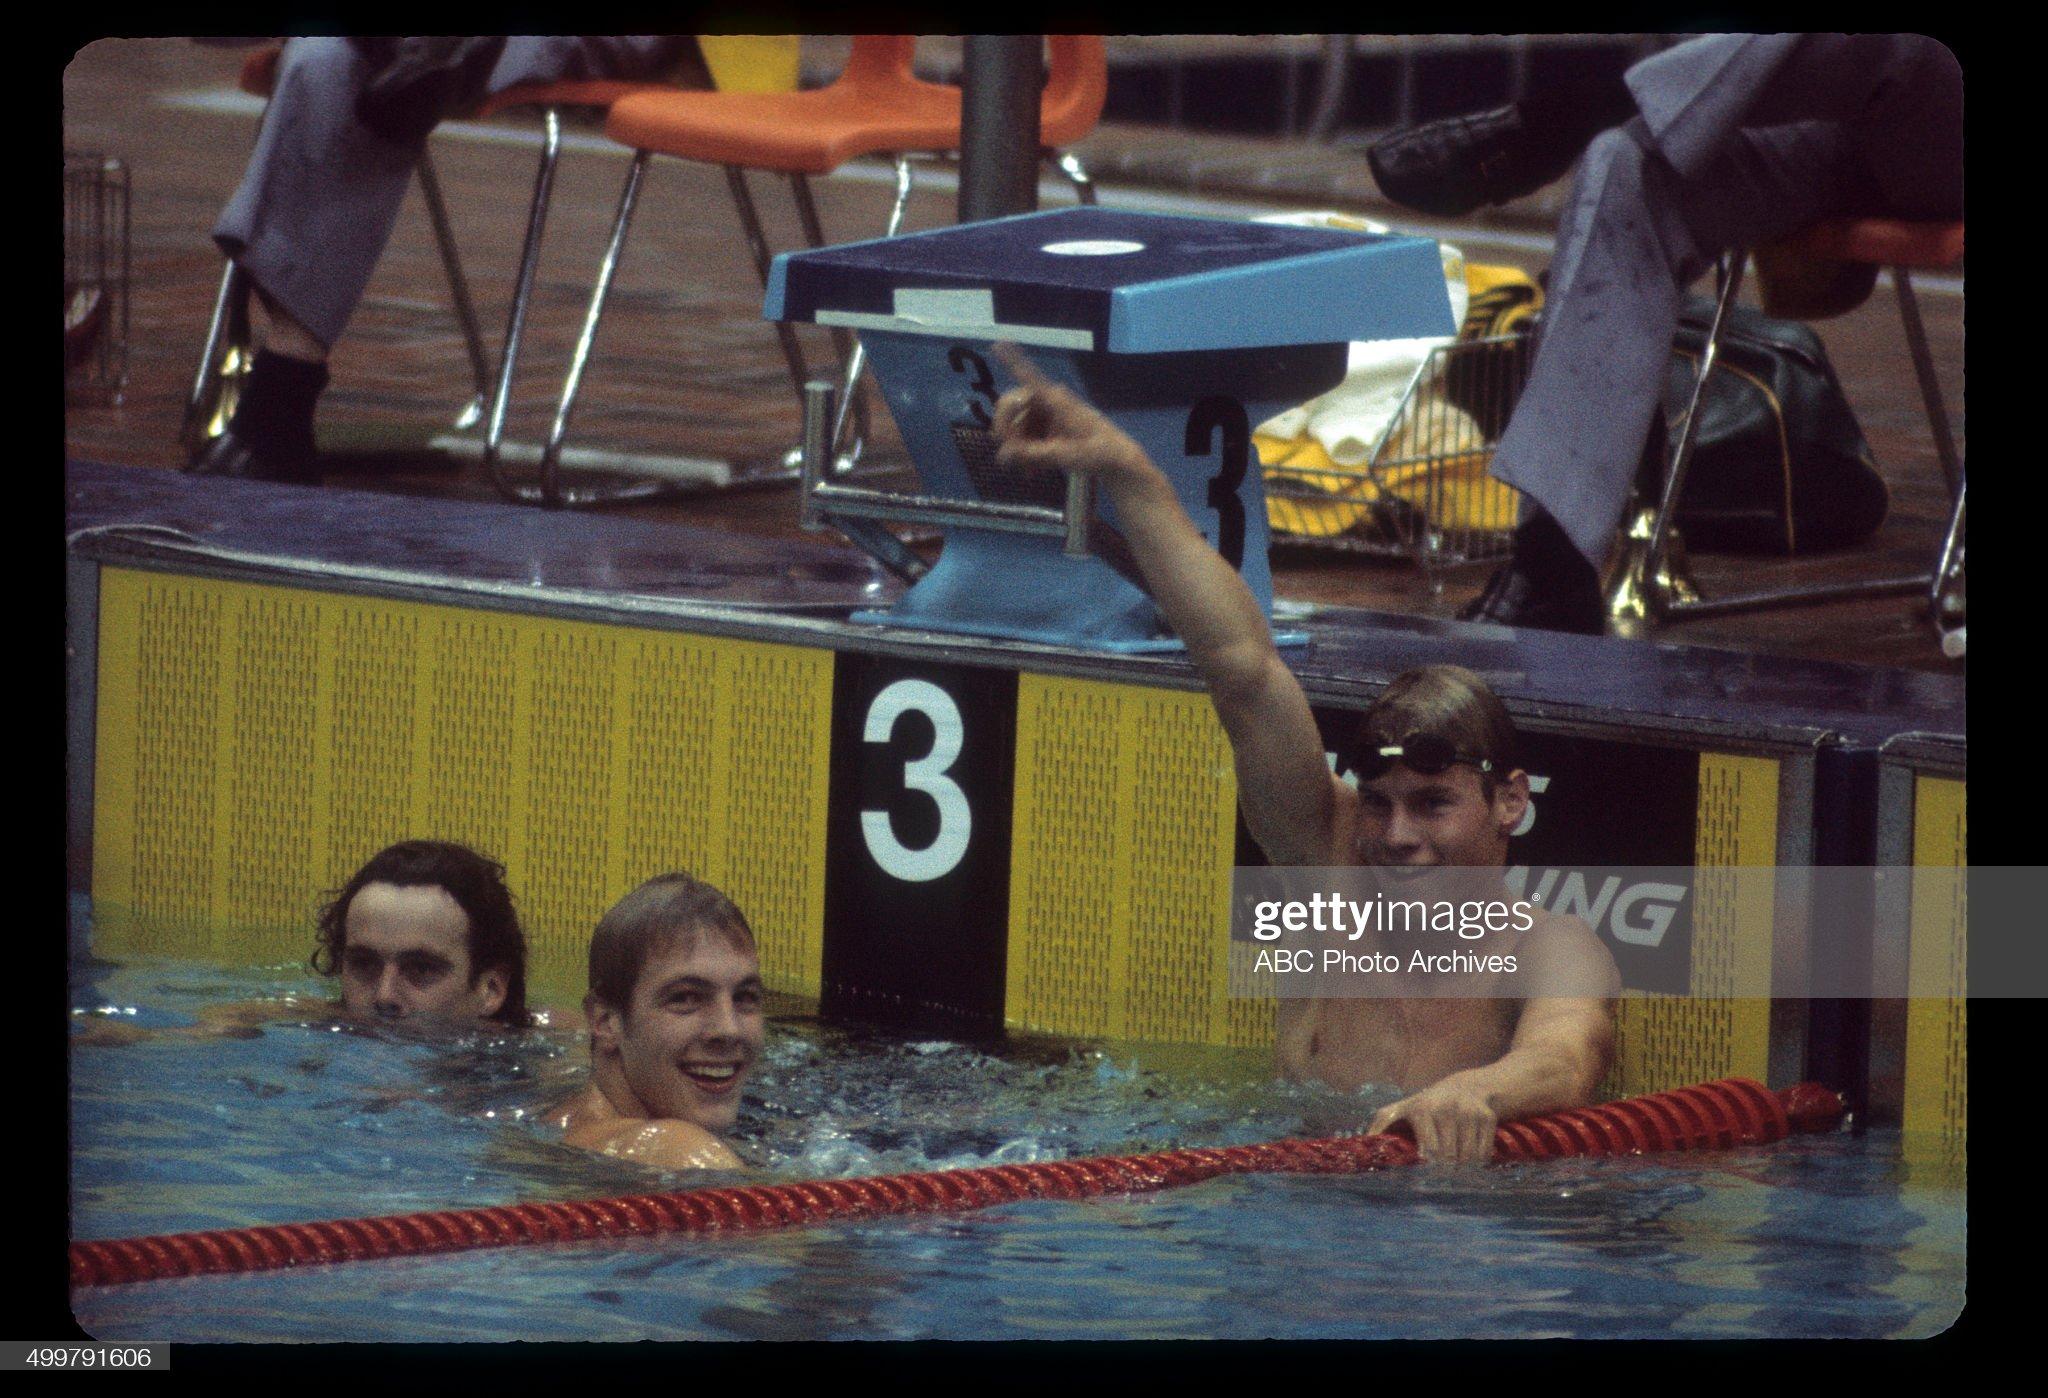 L-R: STEPHEN HOLLAND;BOBBY HACKETT;BRIAN GOODELL : Fotografía de noticias